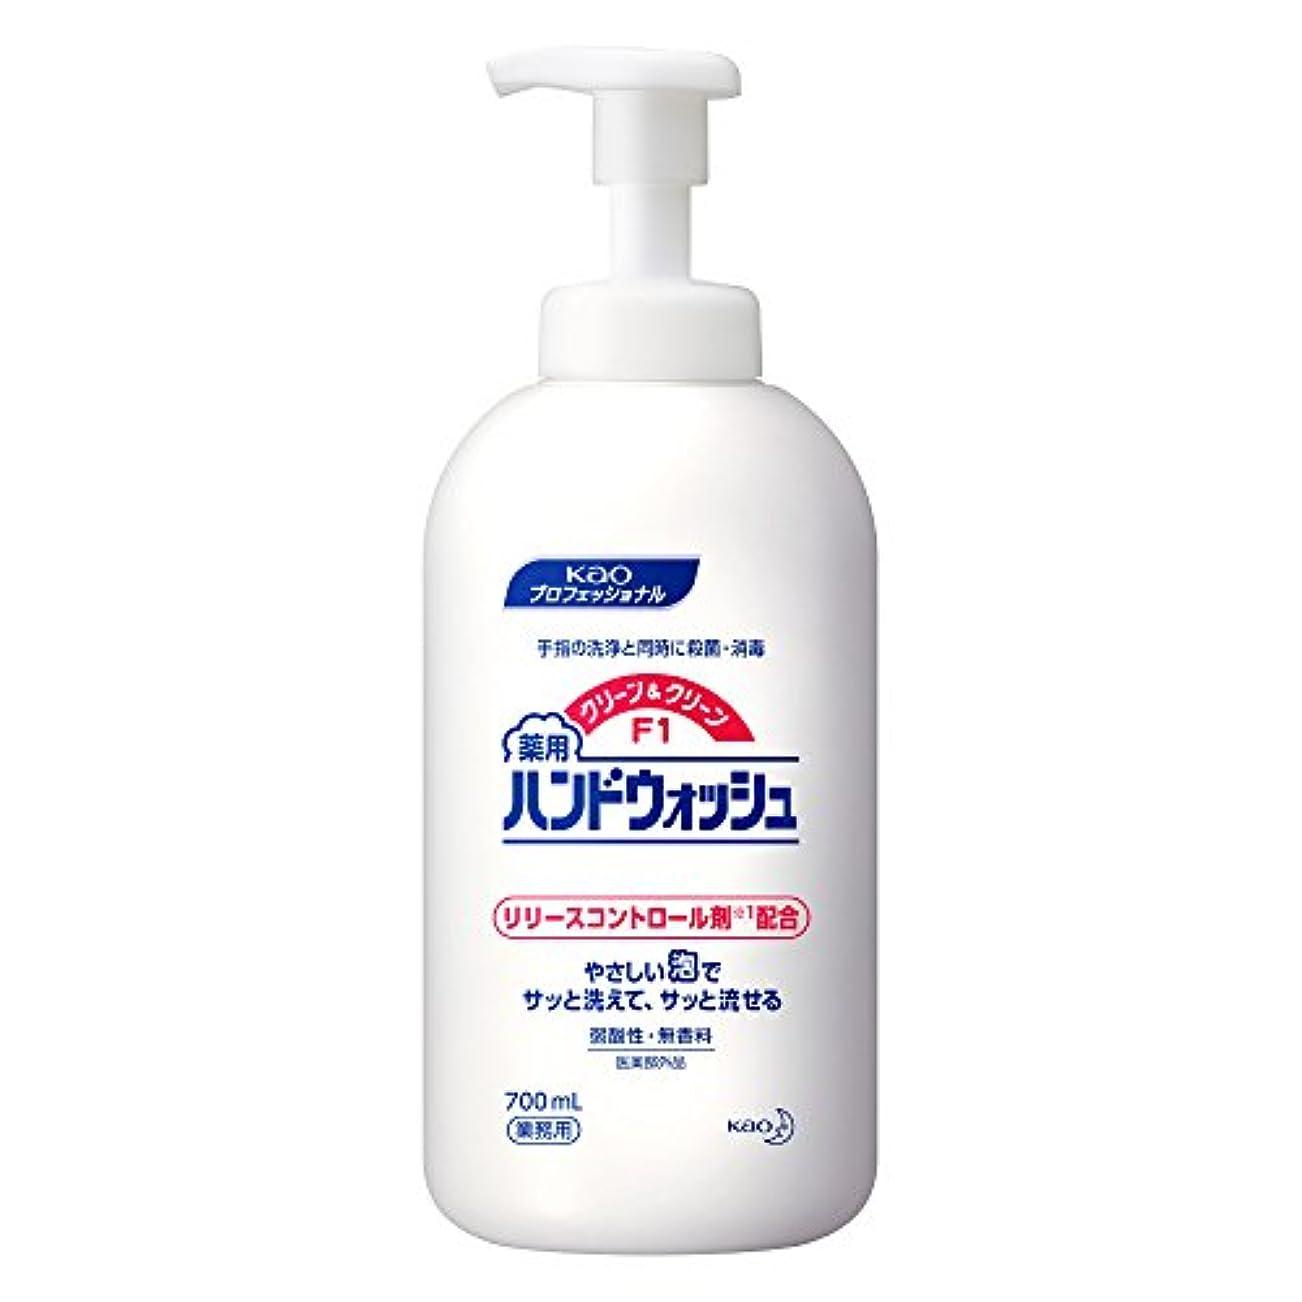 【業務用 泡ハンドソープ】クリーン&クリーンF1 薬用 ハンドウォッシュ 700ml(花王プロフェッショナルシリーズ)